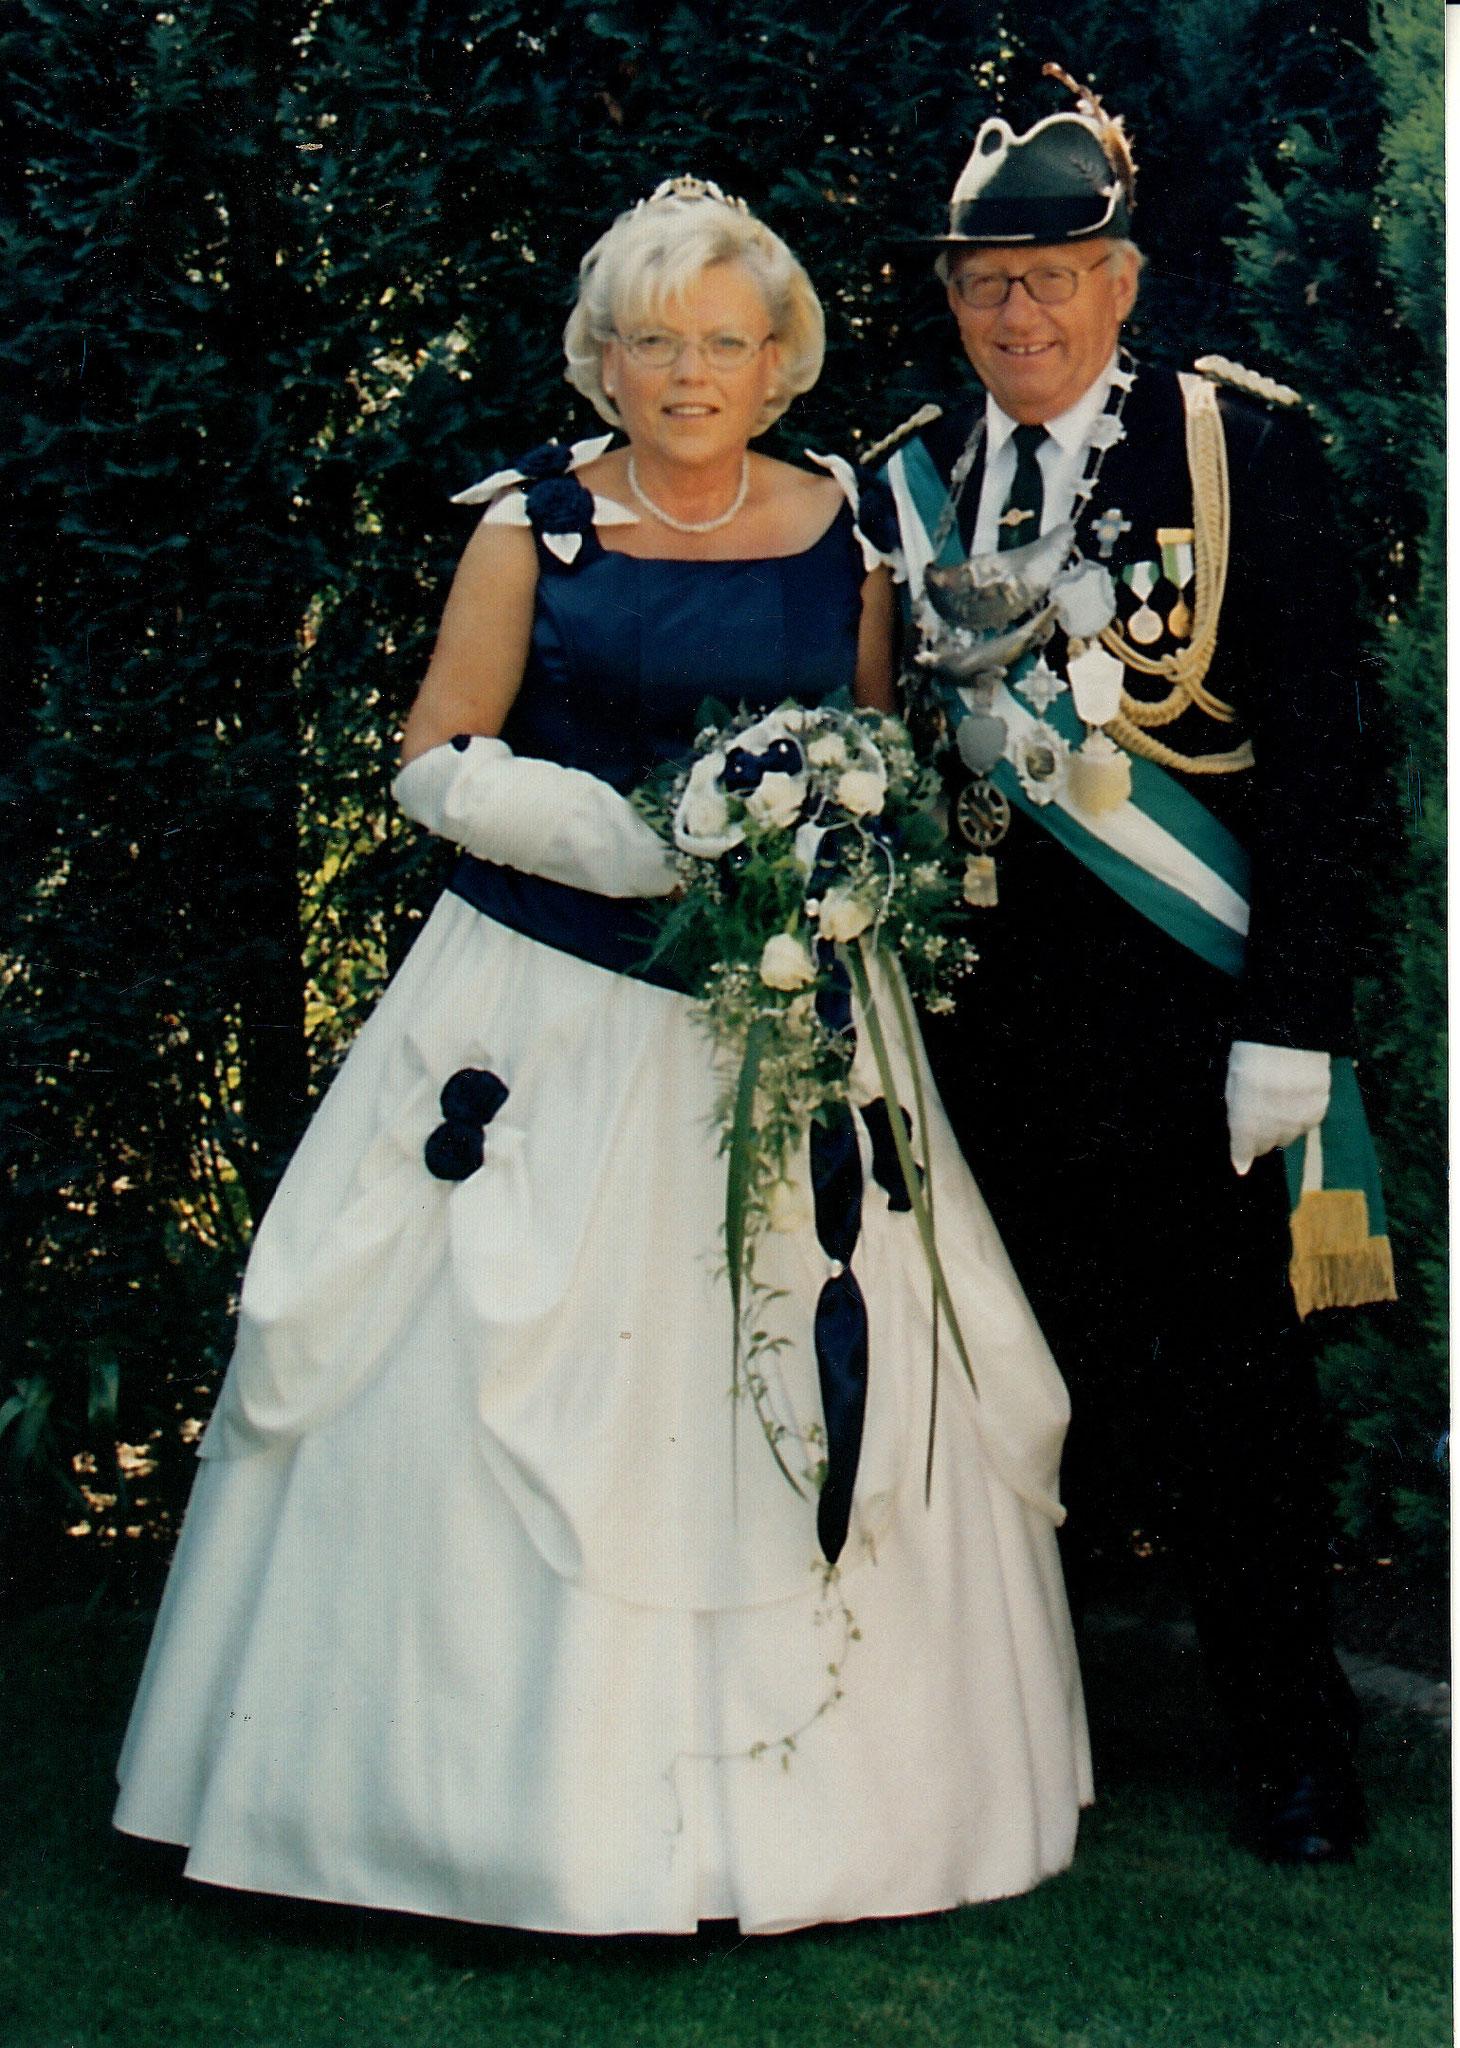 2002 Manfred Jatzkowski & Elisabeth Jatzkowski